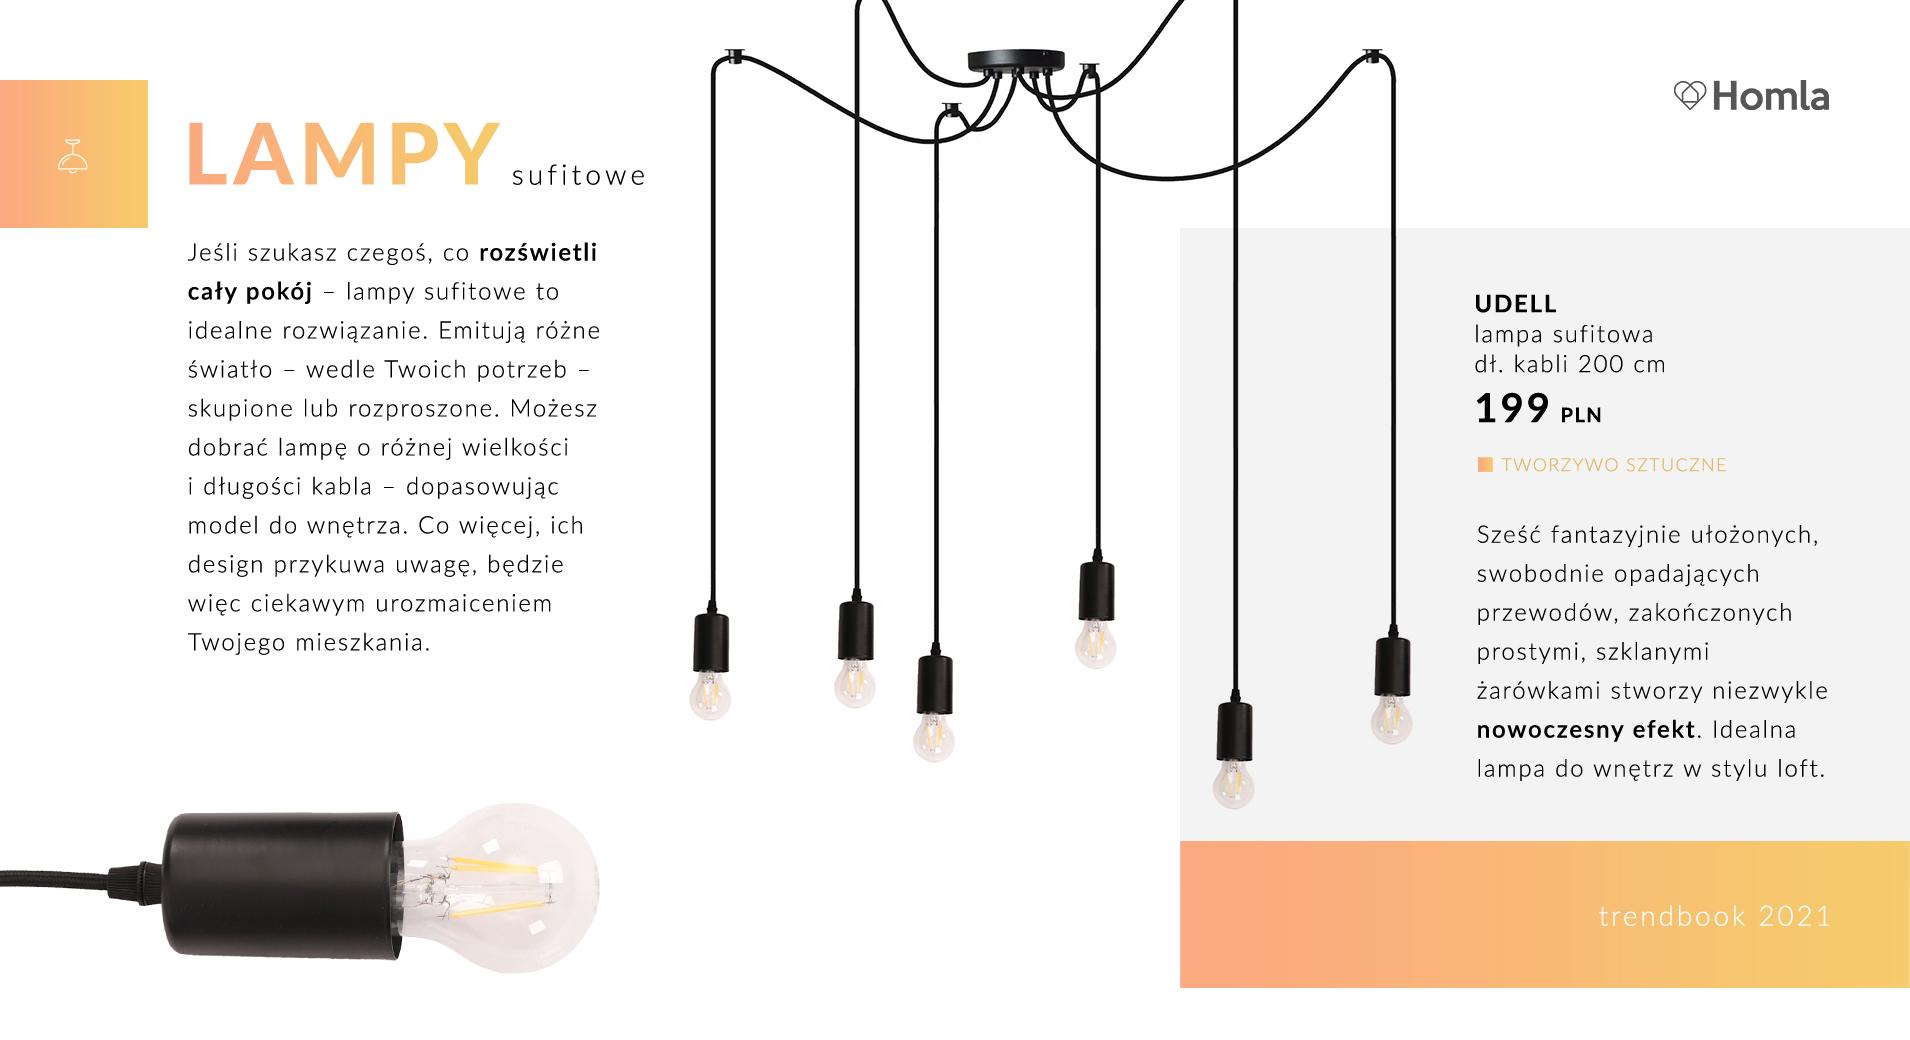 Trendbook Lampy do każdego wnętrza 7